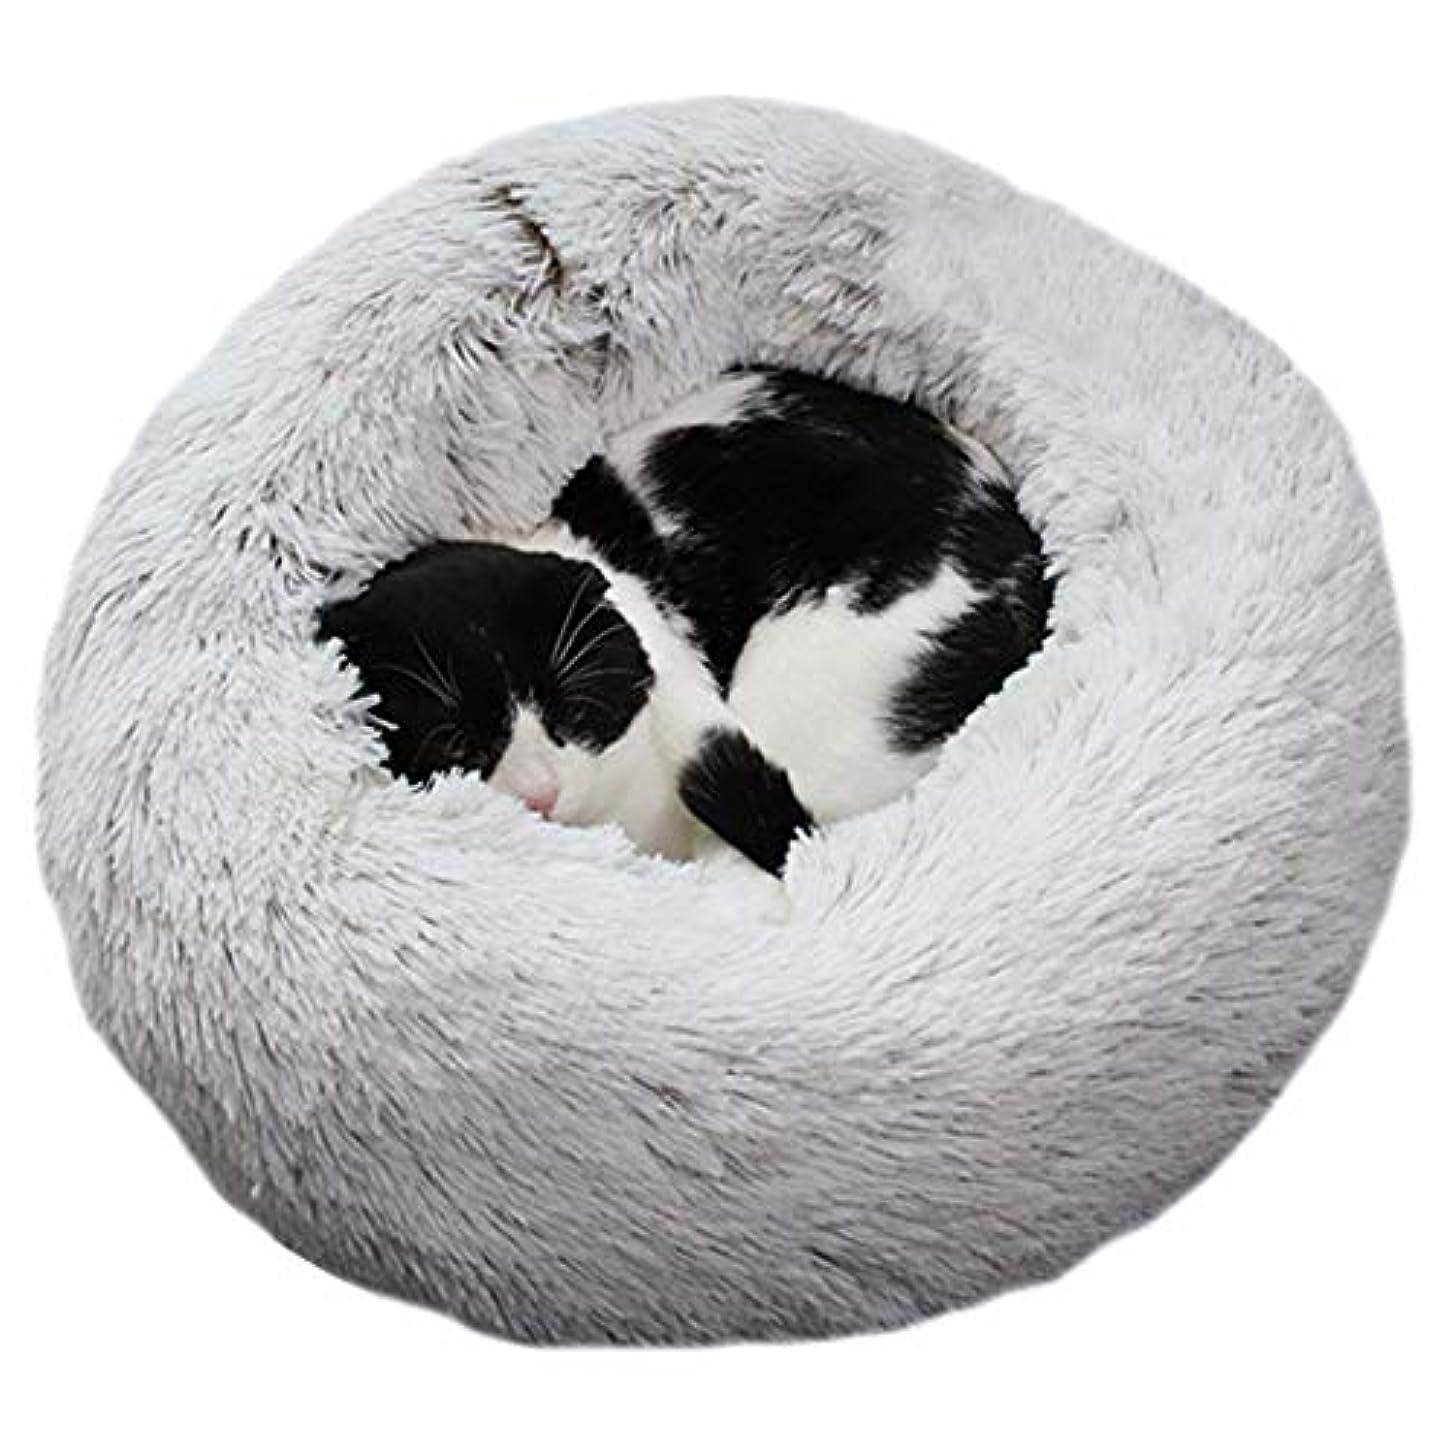 報告書スクラップスラッシュAlligadoペットぬいぐるみドーナツ抱きしめる猫ベッド暖かいソフト厚く高められた犬子犬マットクッション